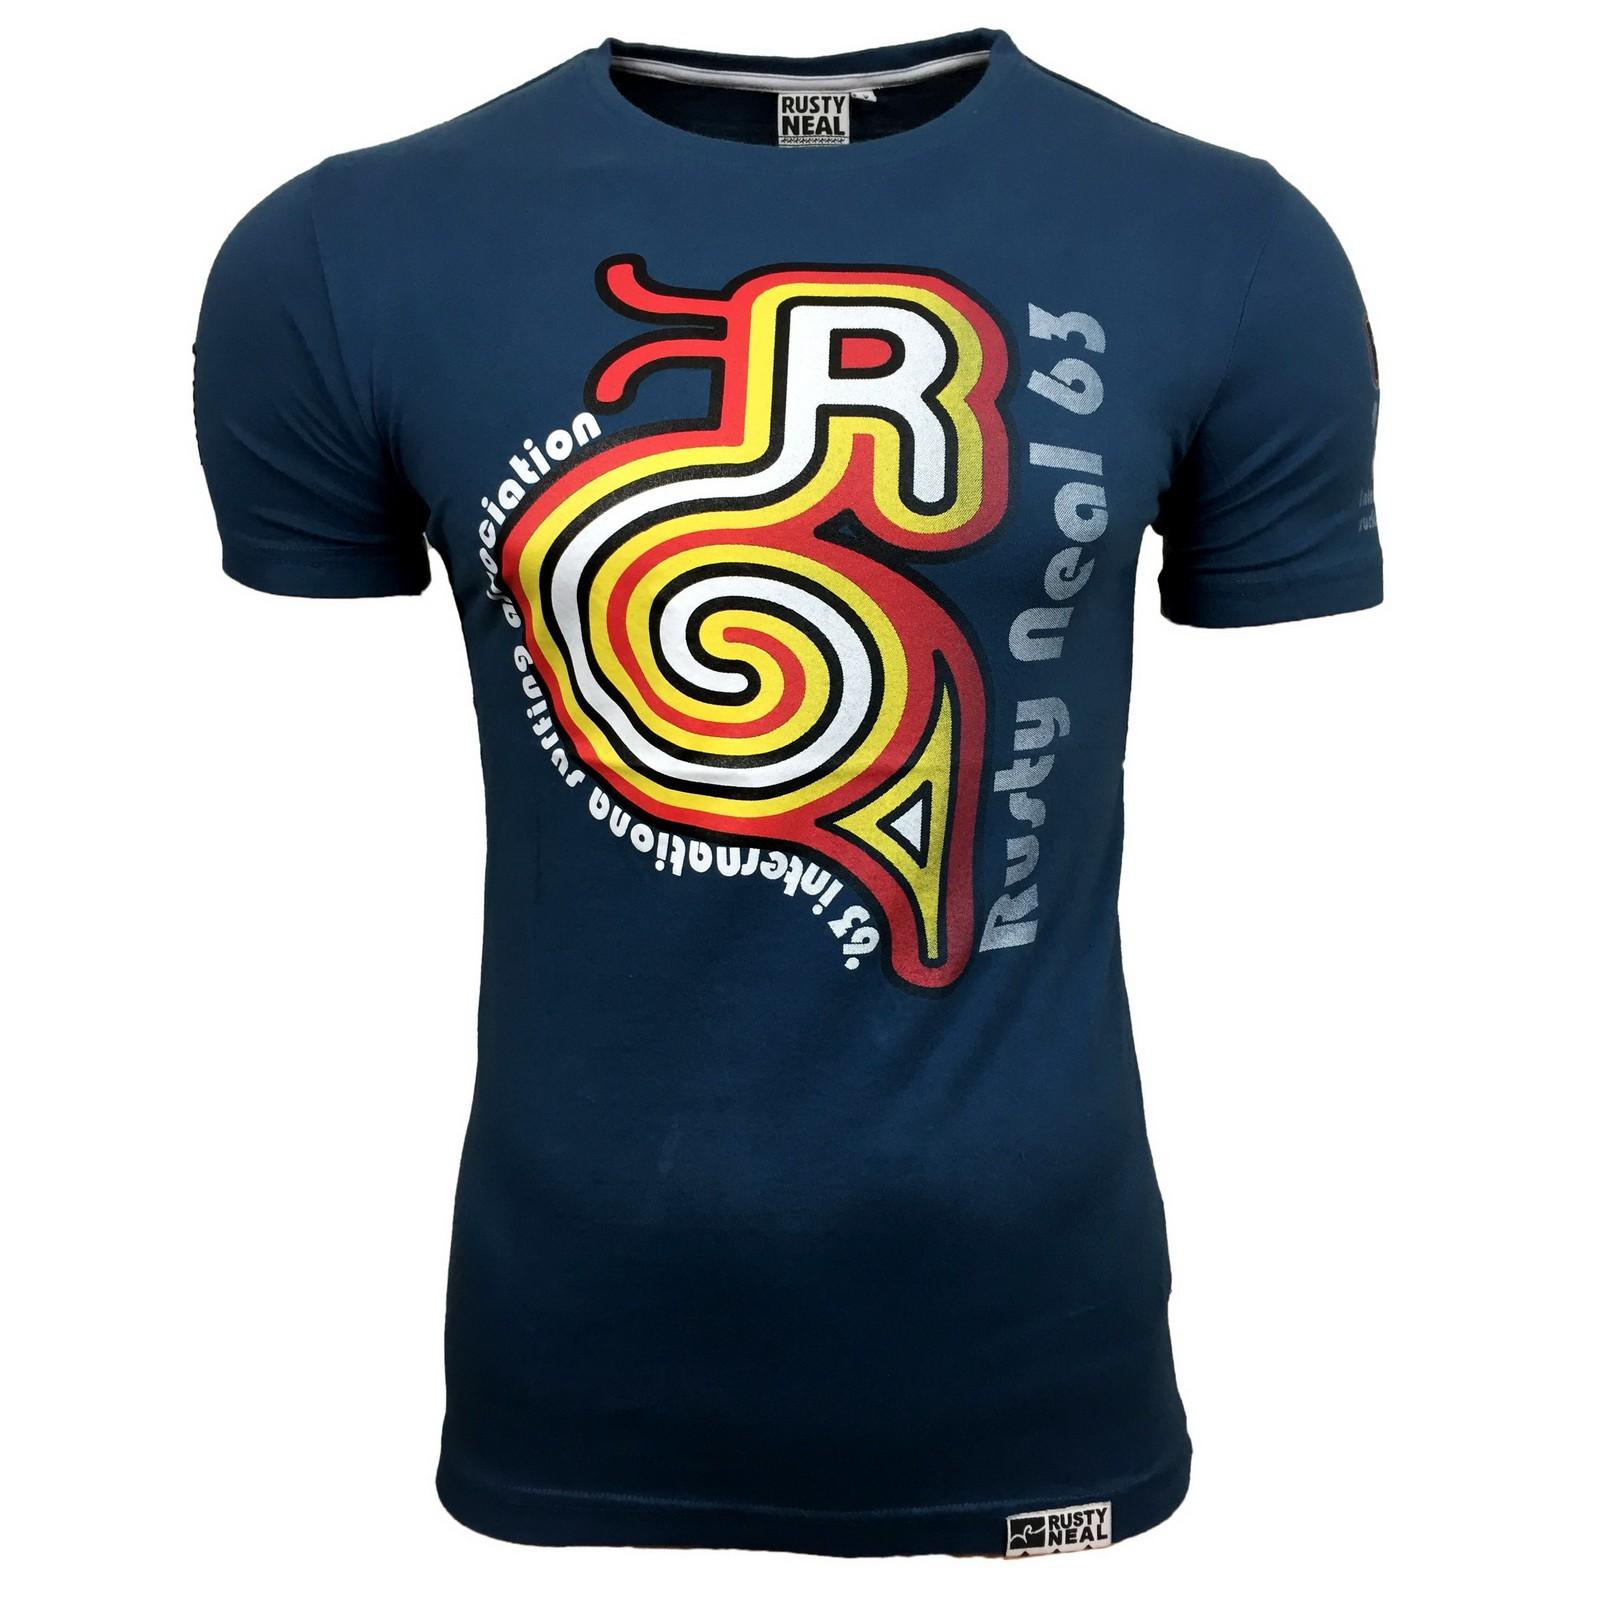 Herren Style Blau Schwarz Weiß T-Shirt AE-13512